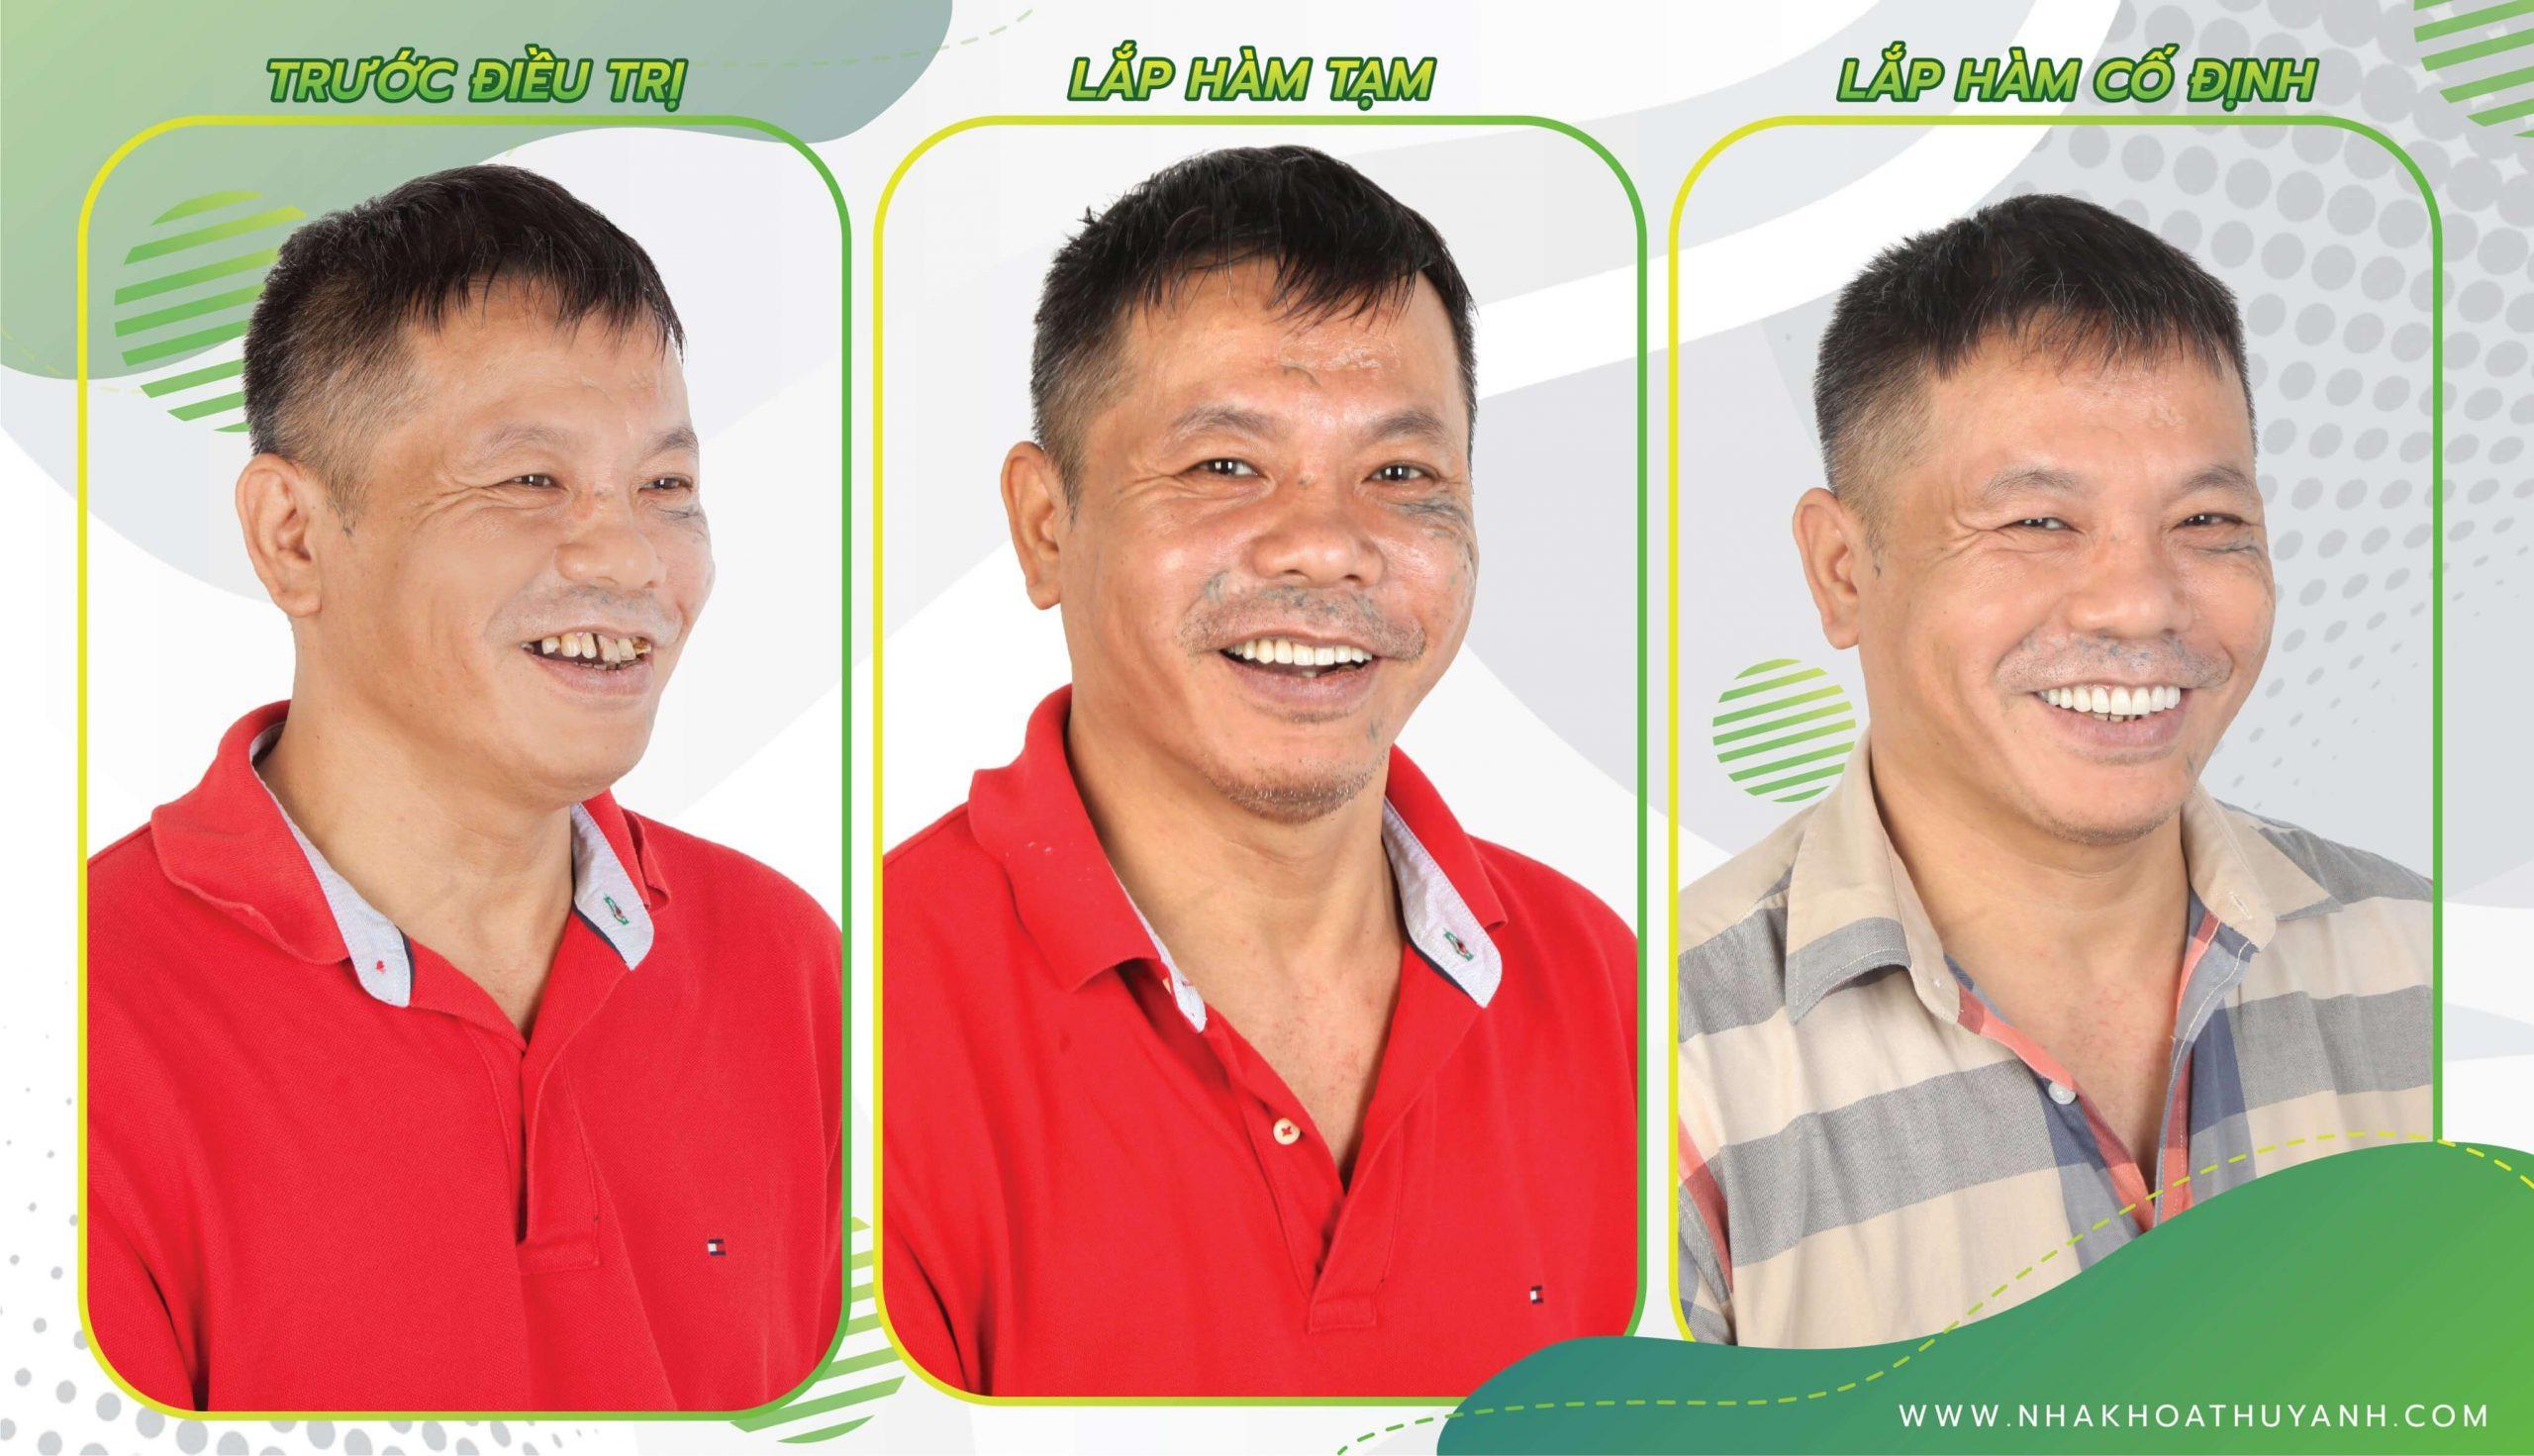 Nâng cao chất lượng cuộc sống ở độ tuổi trung niên với hàm giả cố định All On 4 | Dr. Lê Sơn Tùng